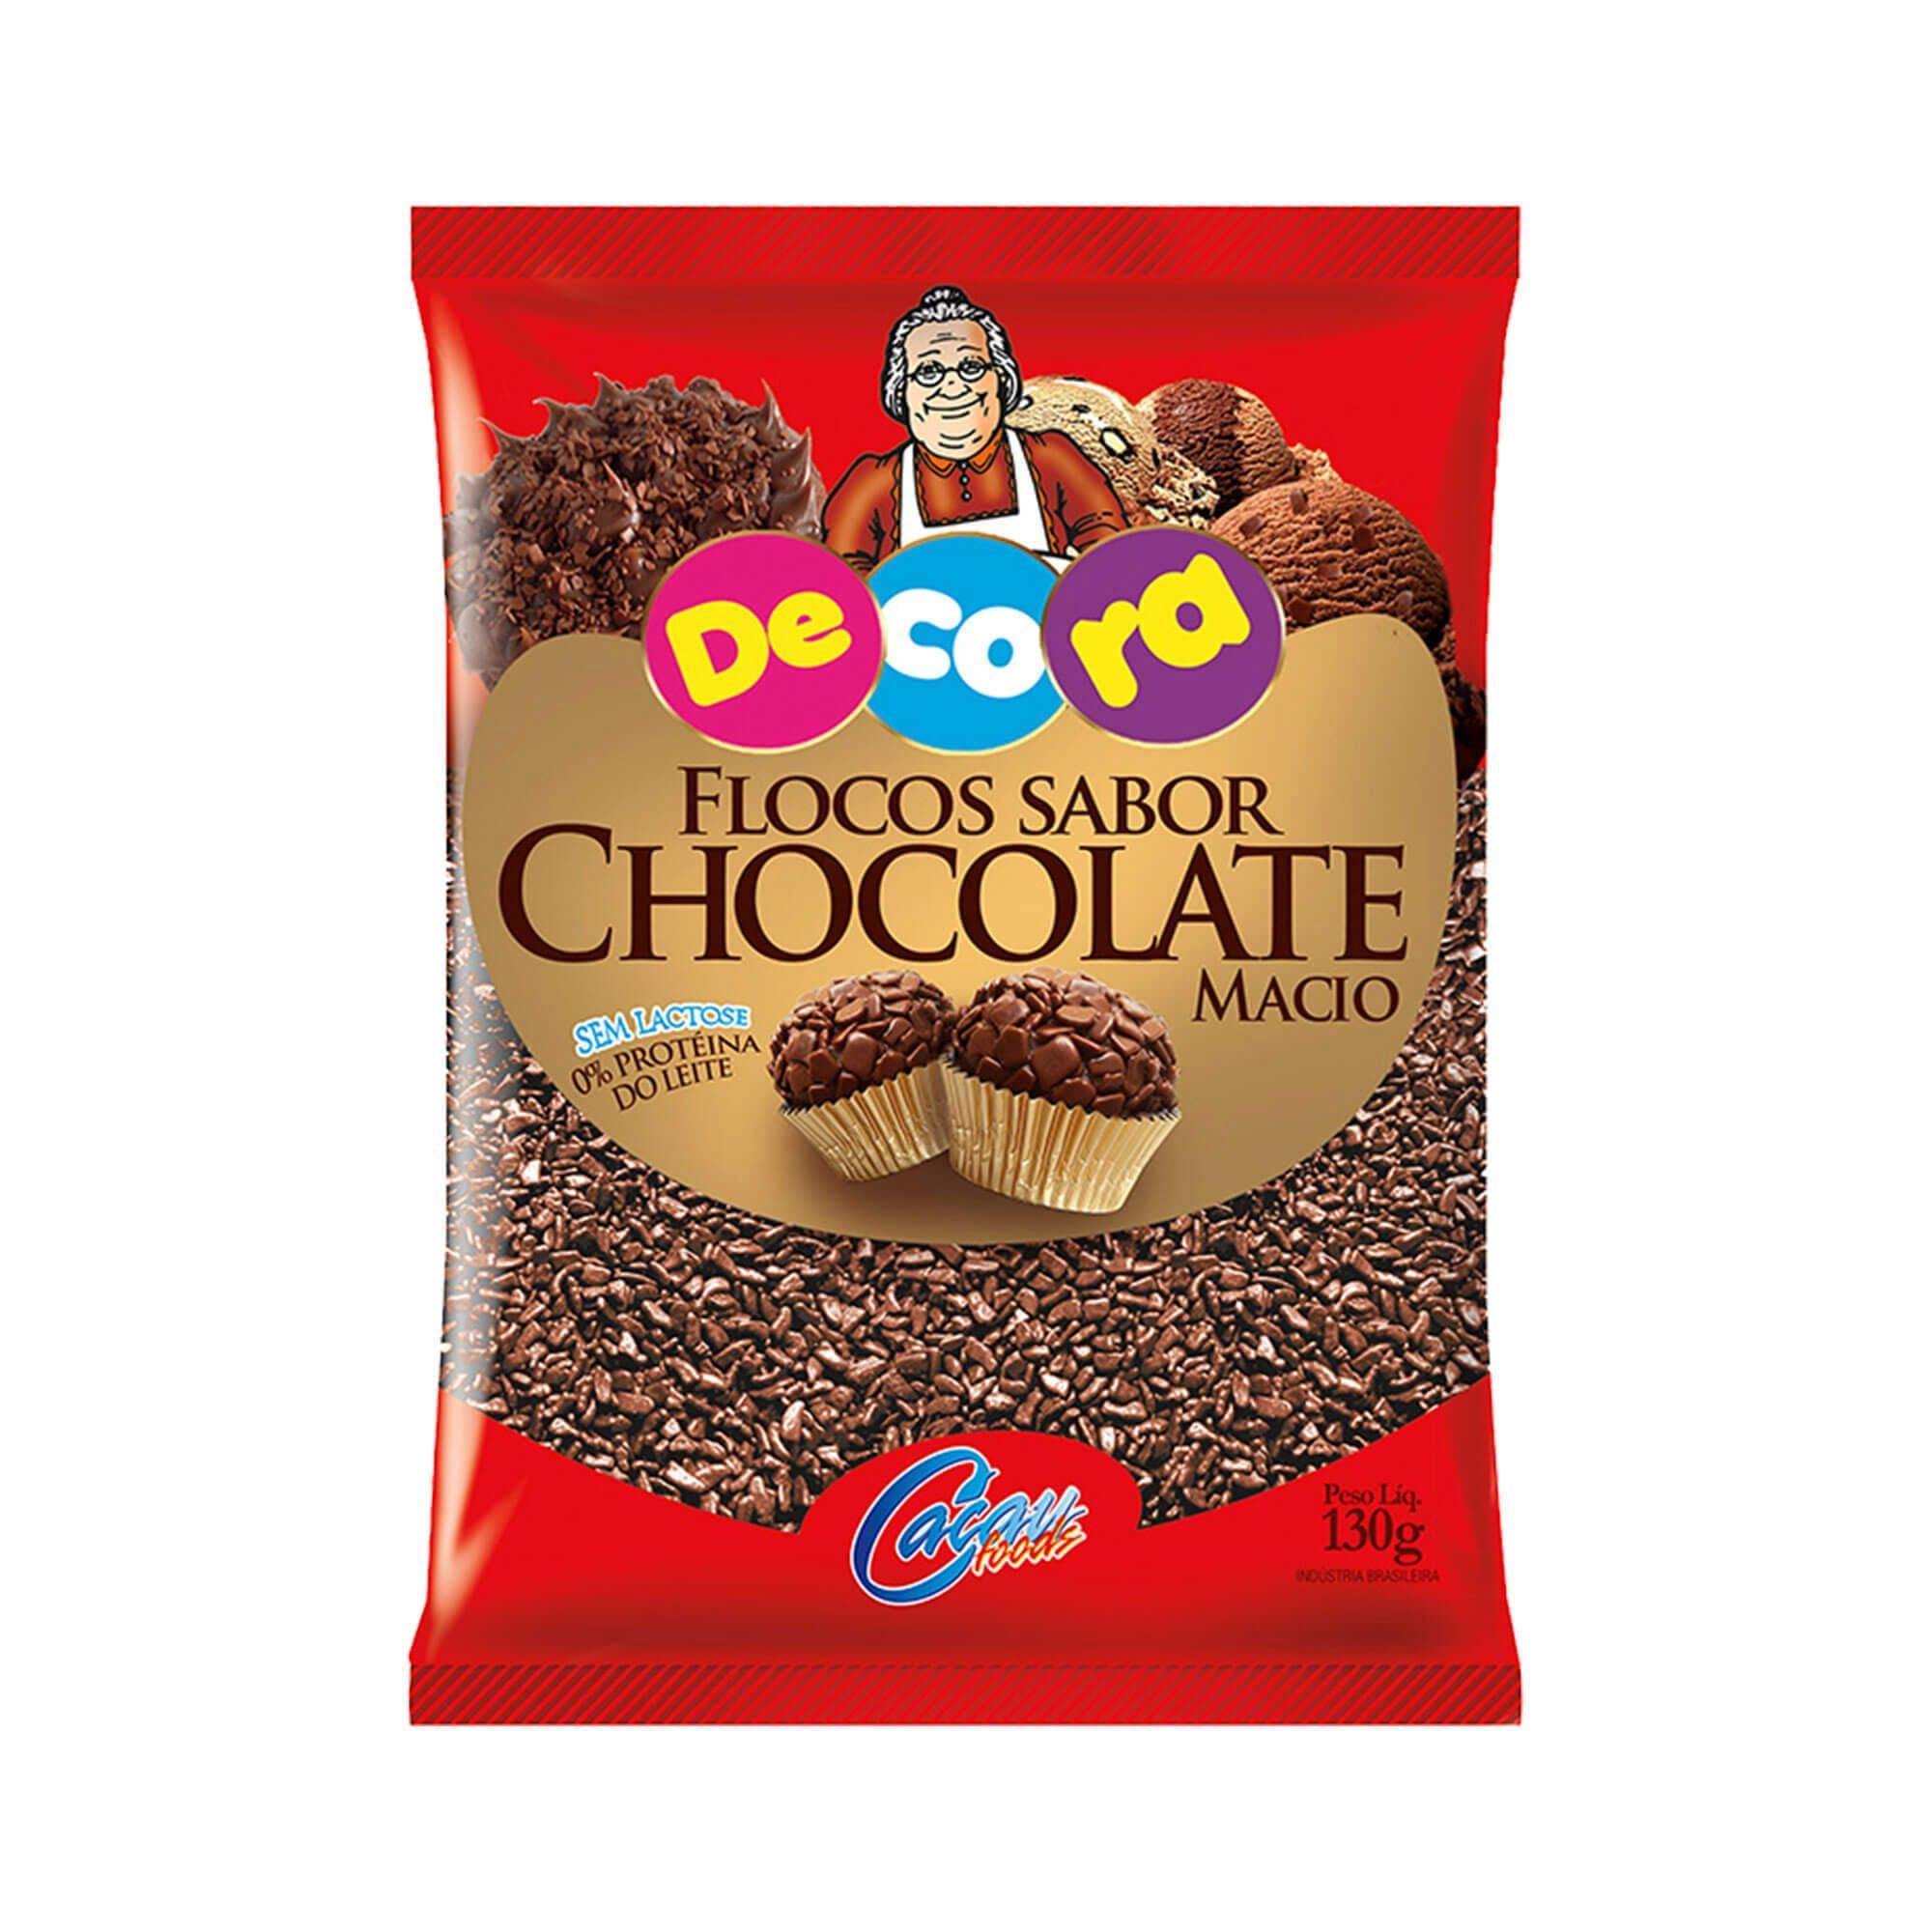 FLOCOS SABOR CHOCOLATE MACIO DONA JURA 130G - CACAU FOODS  - Santa Bella